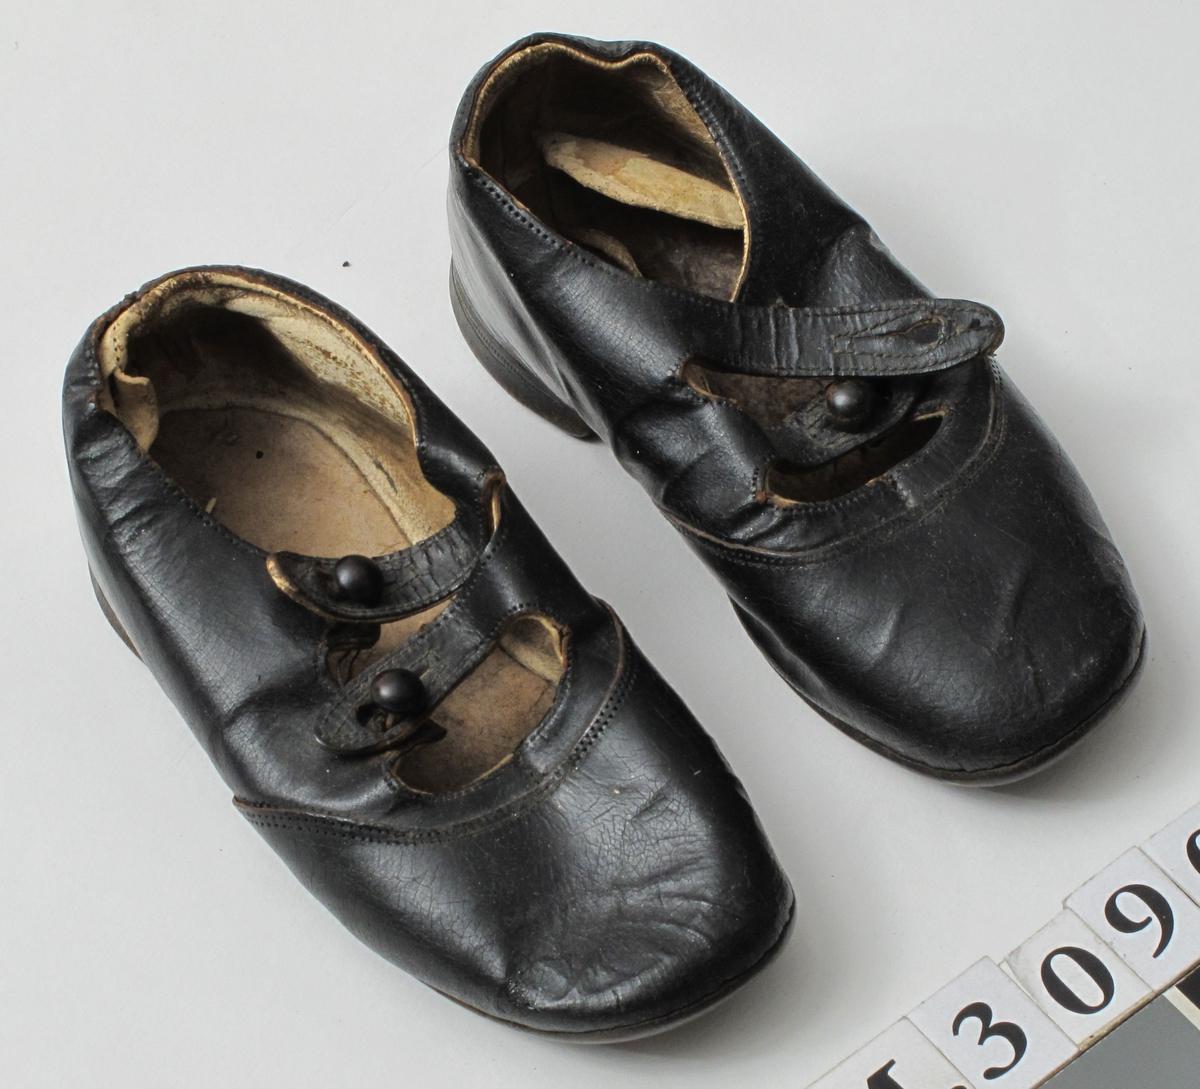 7b51edb4 Sko, barnesko, et par - Aust-Agder museum og arkiv – KUBEN ...